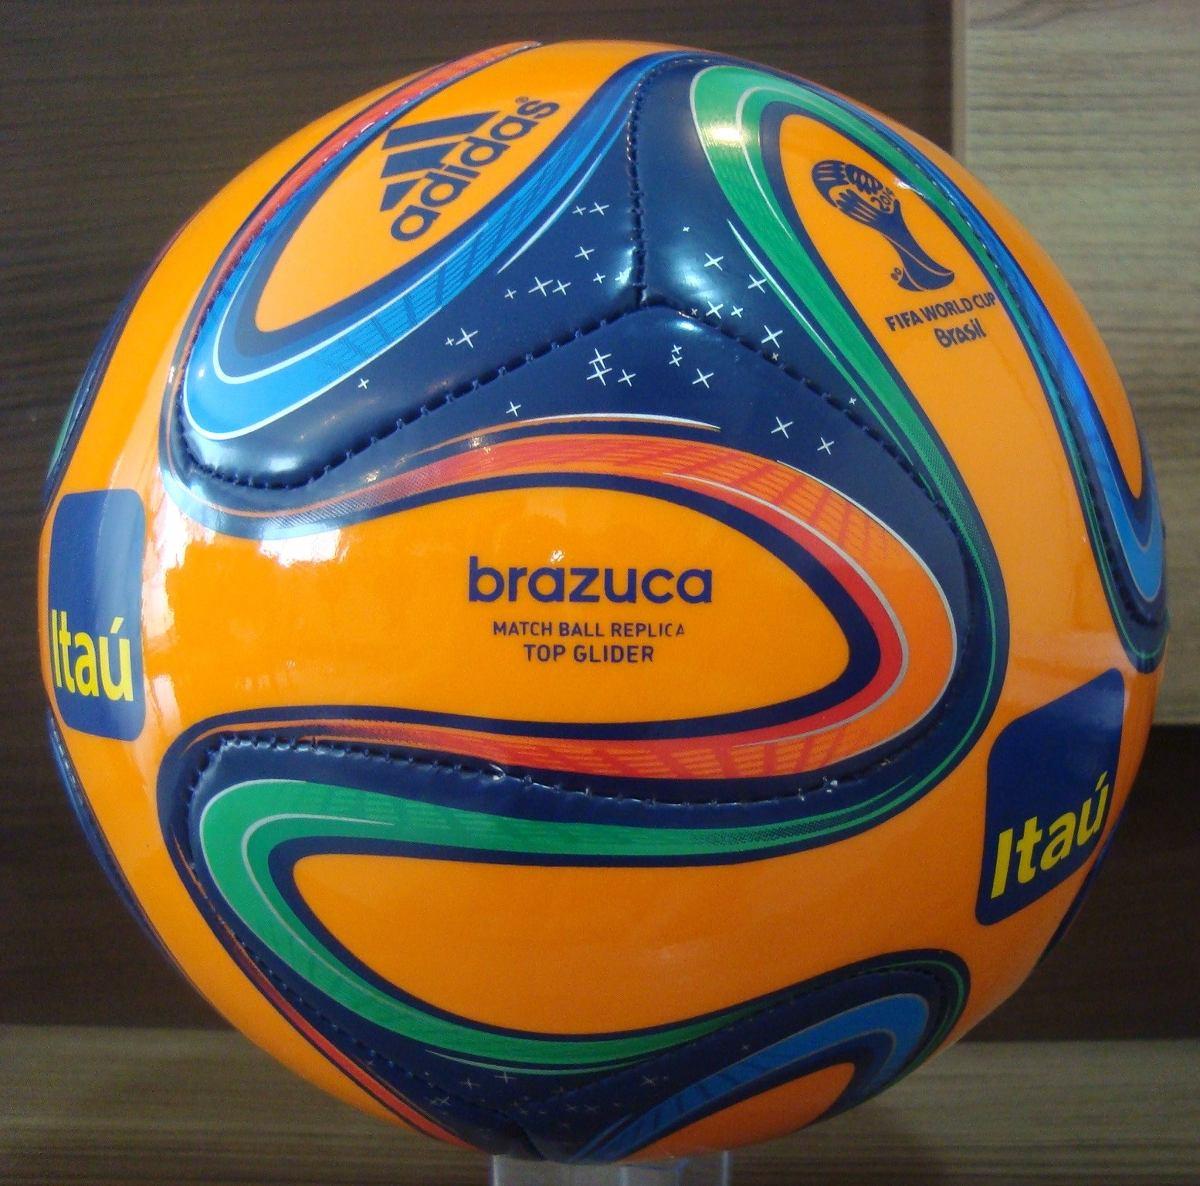 c17c1d71a2 bola adidas brazuca - série top glider. Carregando zoom.